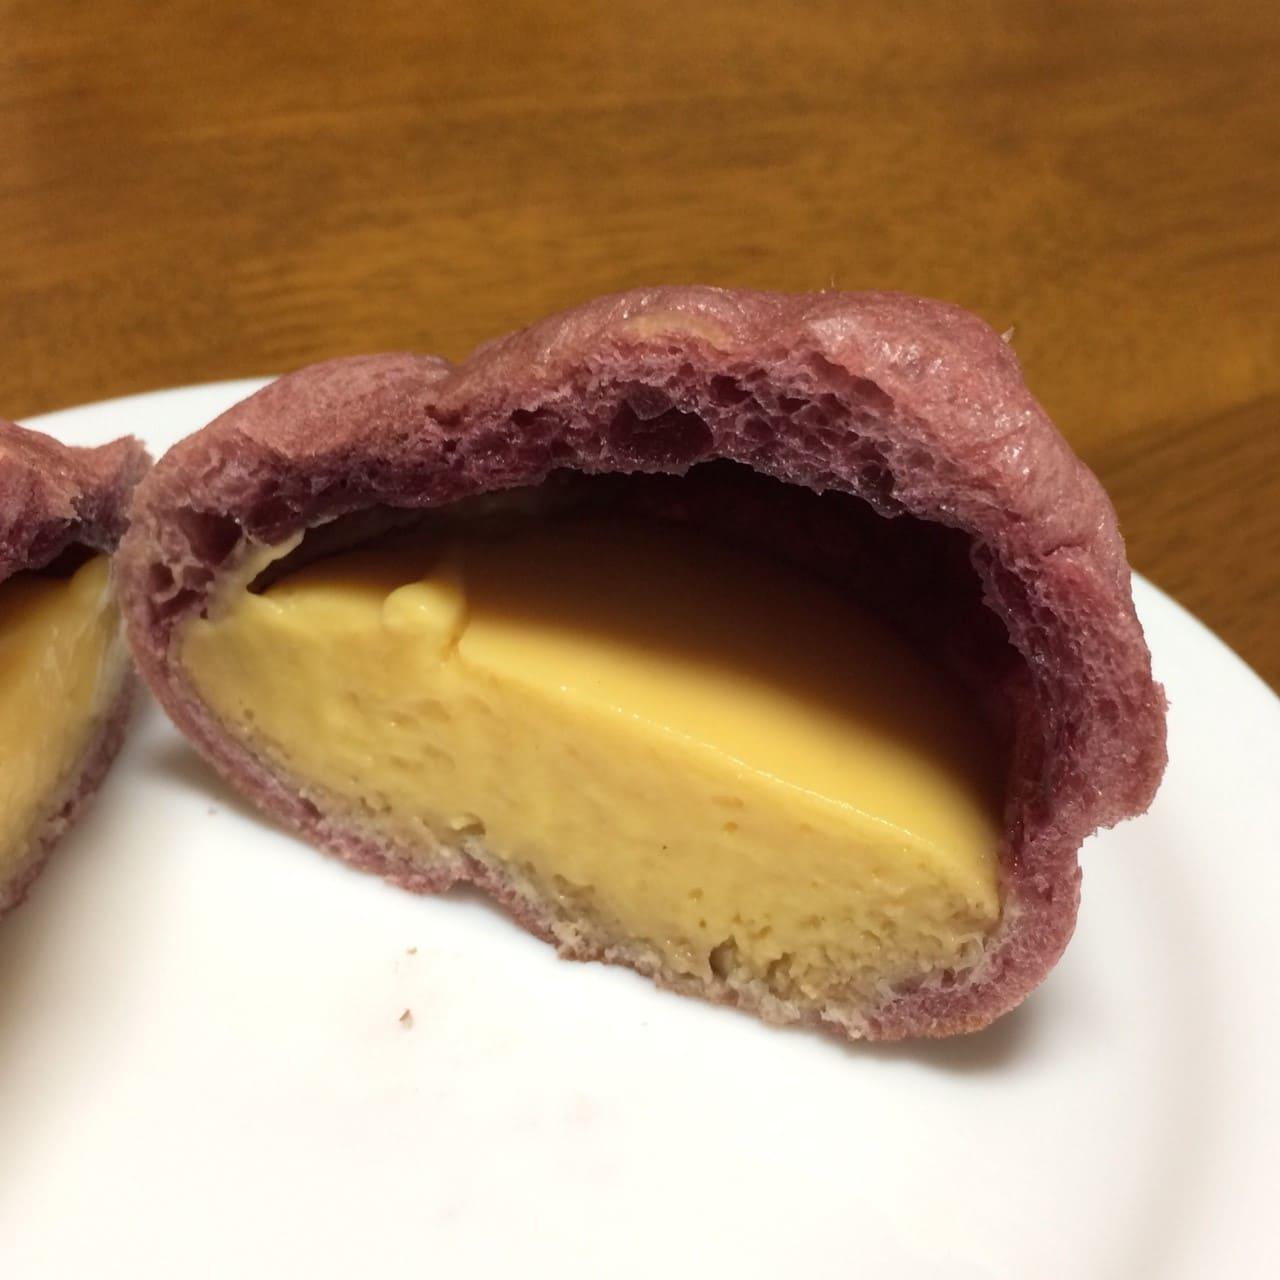 安納芋のシュークリーム断面